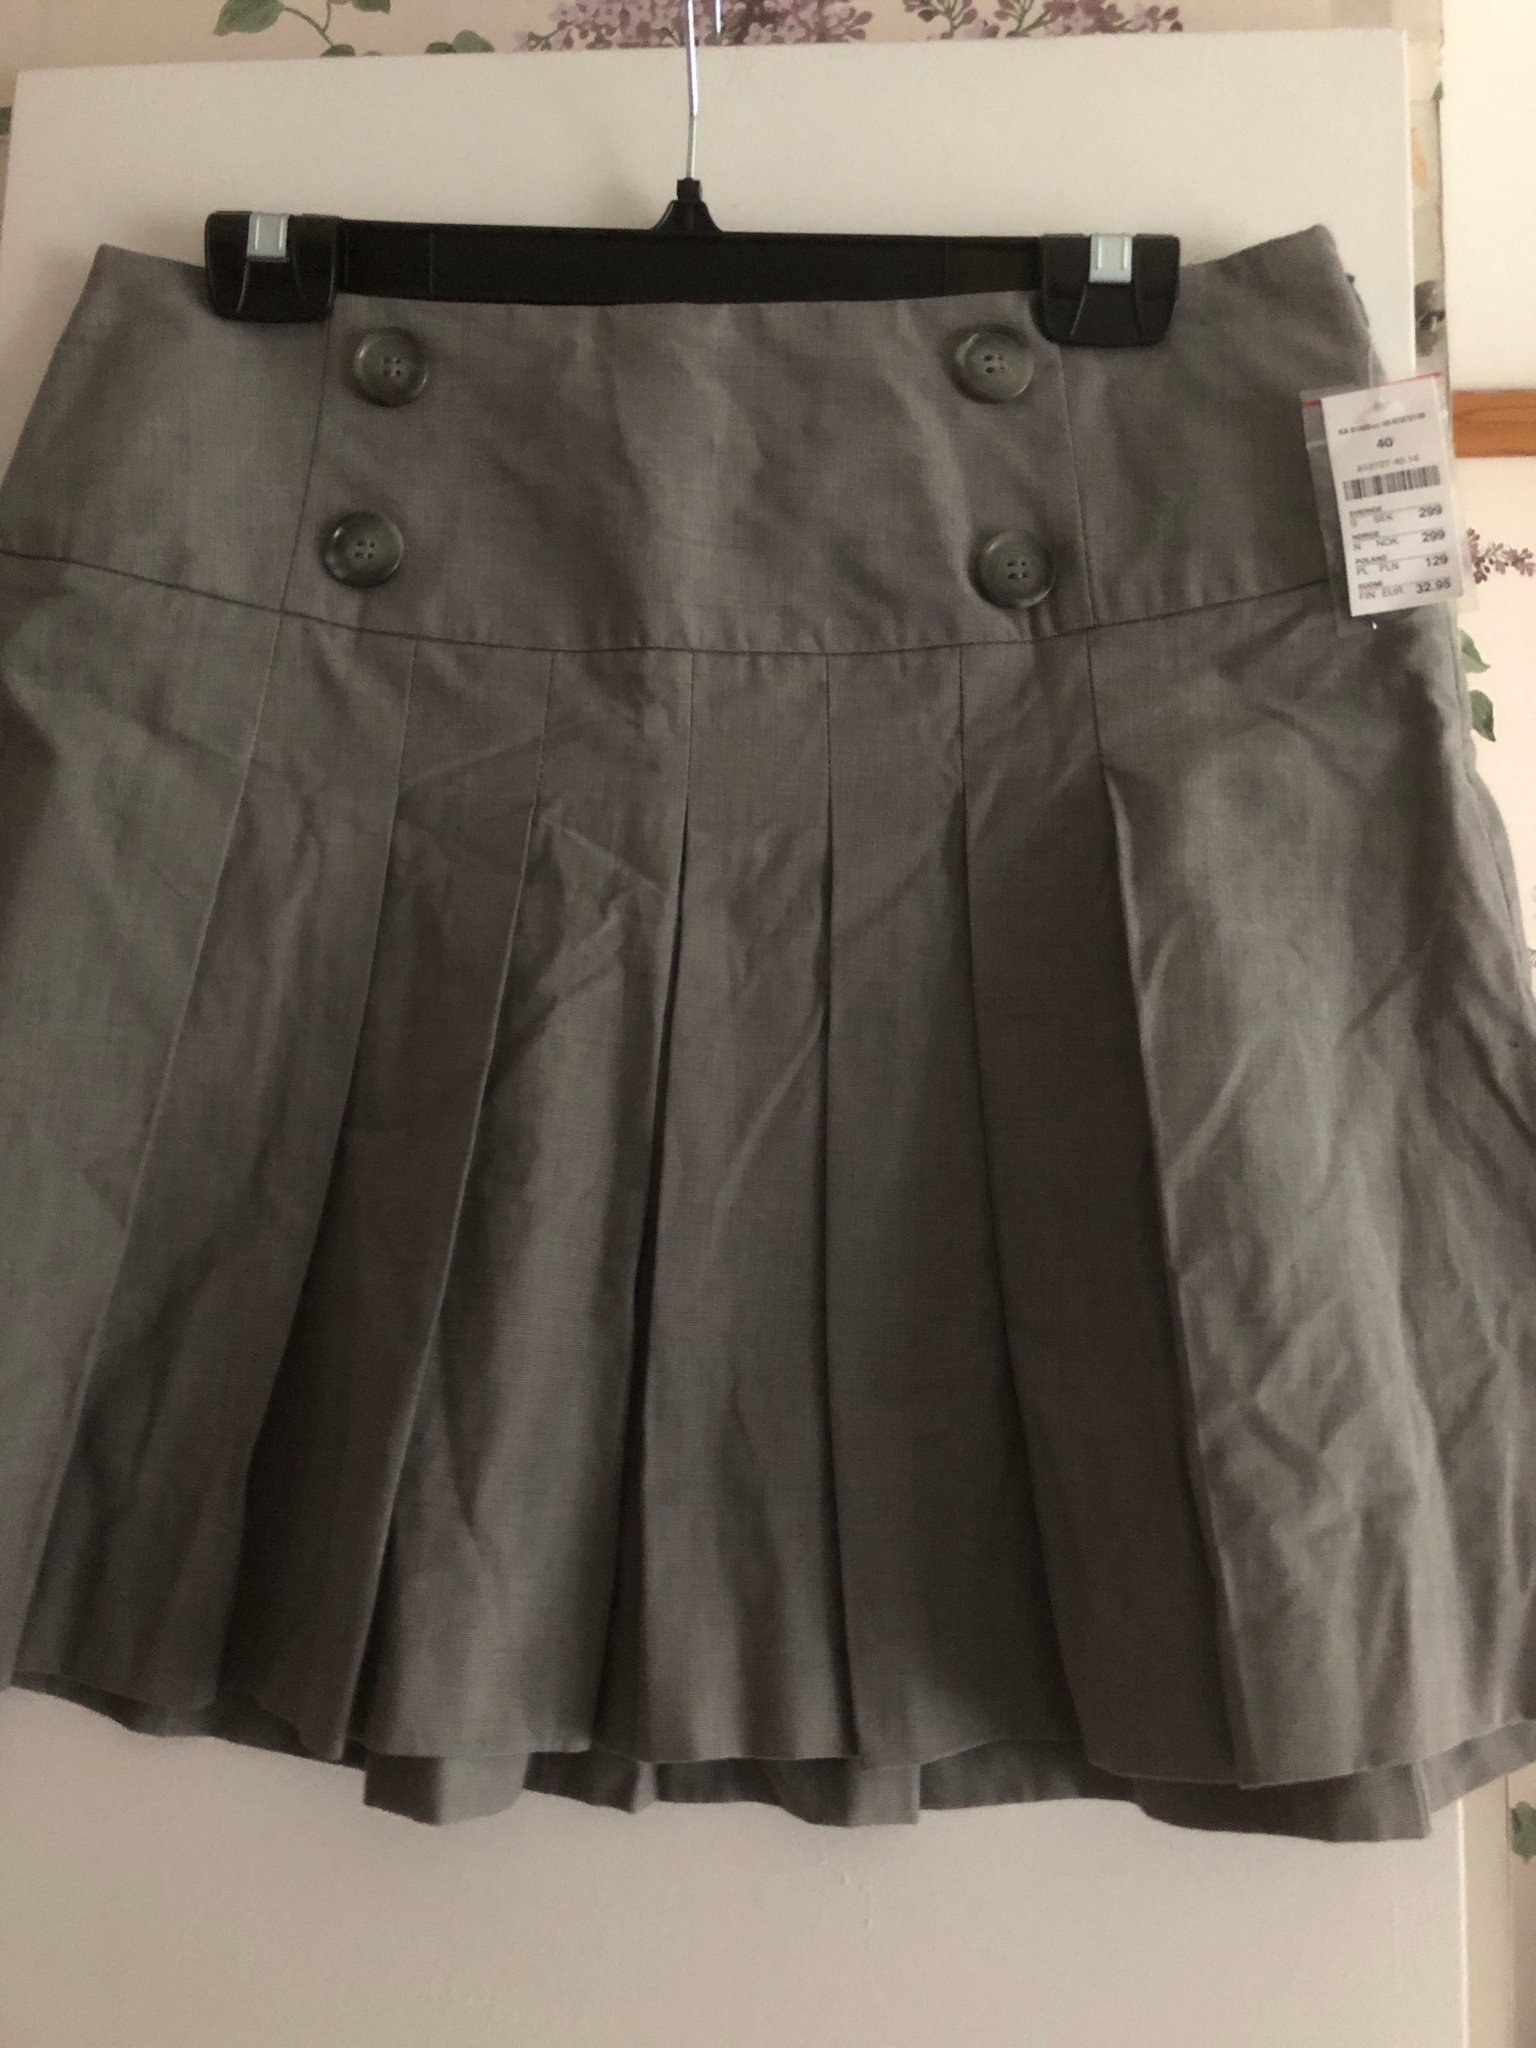 Svart knälång kjol stlk 40 från Kappahl